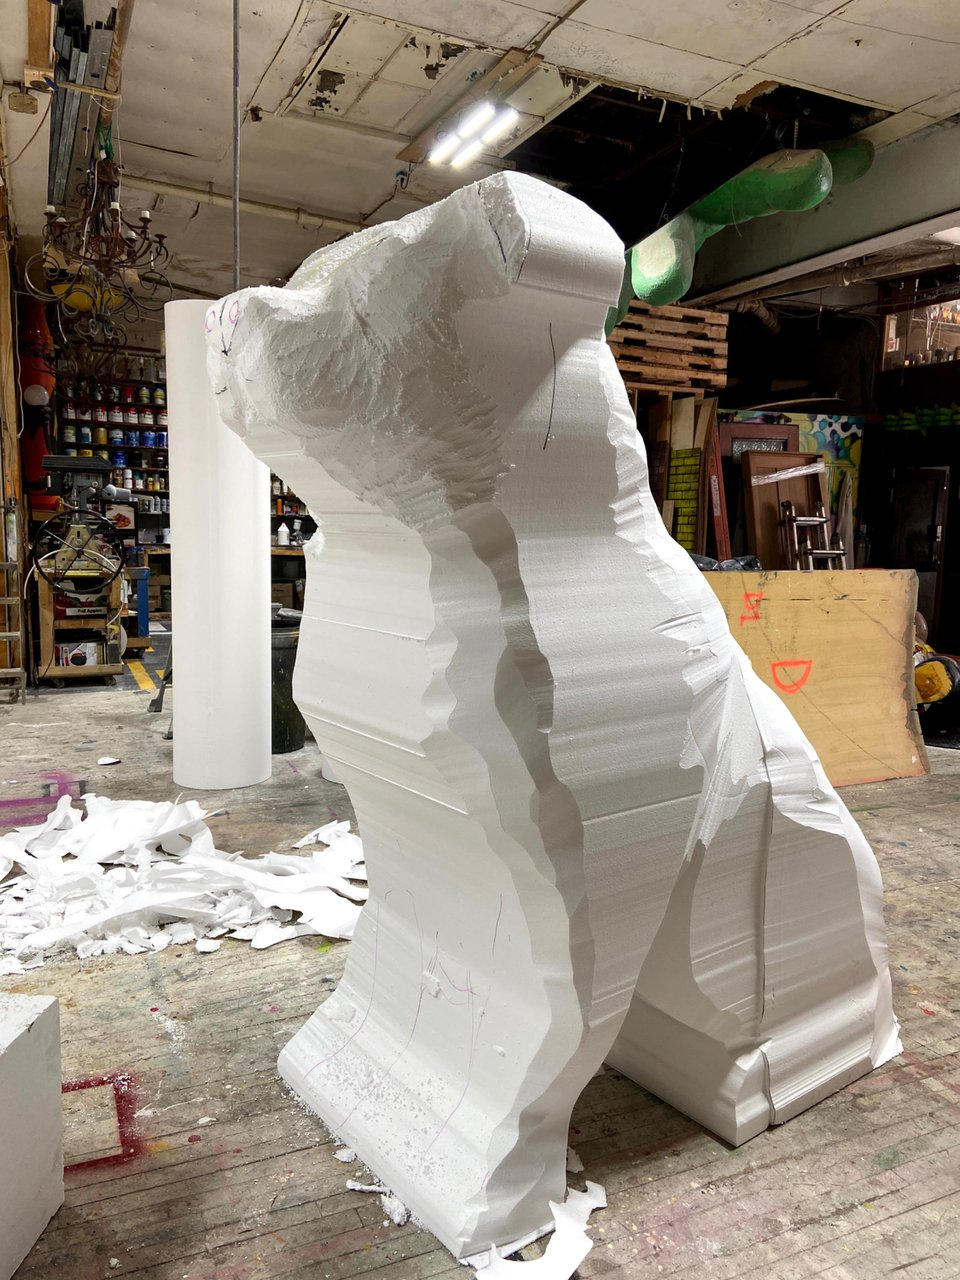 Fomo - 8 ft. Topiary Dog Sculpt photo 55512D55-0D95-4A98-91EF-083E575CFF95.jpg